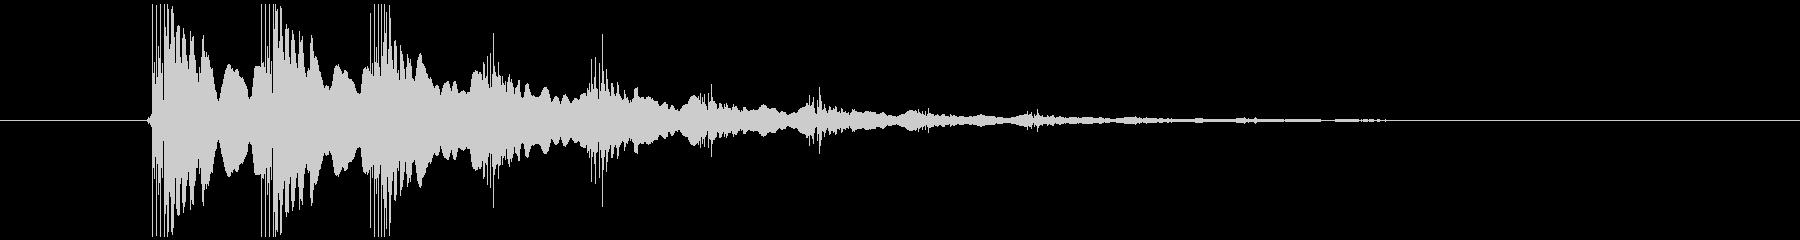 エレキギター音(場面転換)の未再生の波形